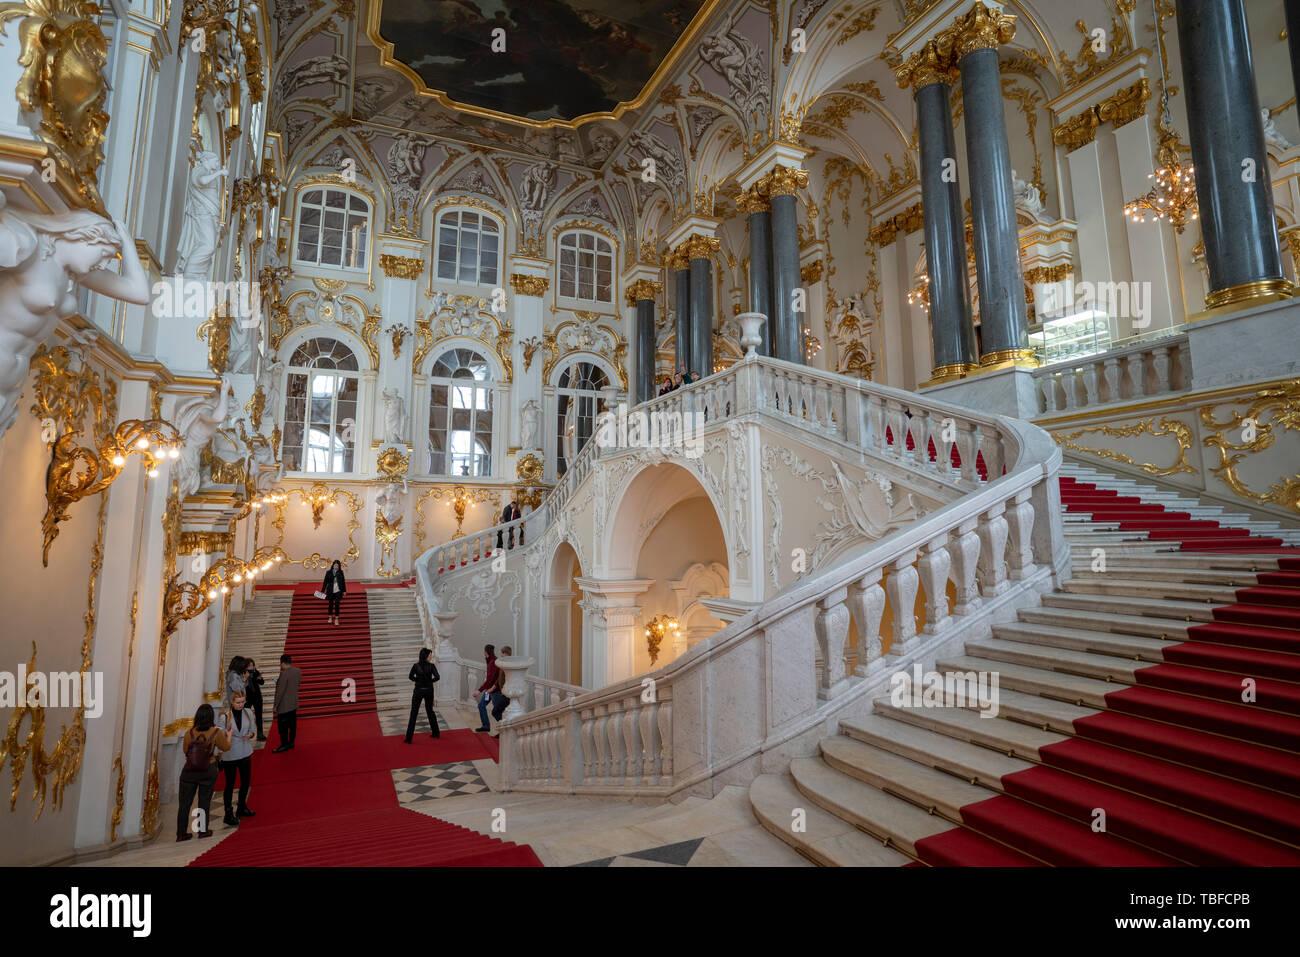 San Petersburgo, Rusia, 9th, Febrero, 2019: El punto de vista del Palacio de Invierno. Foto de stock